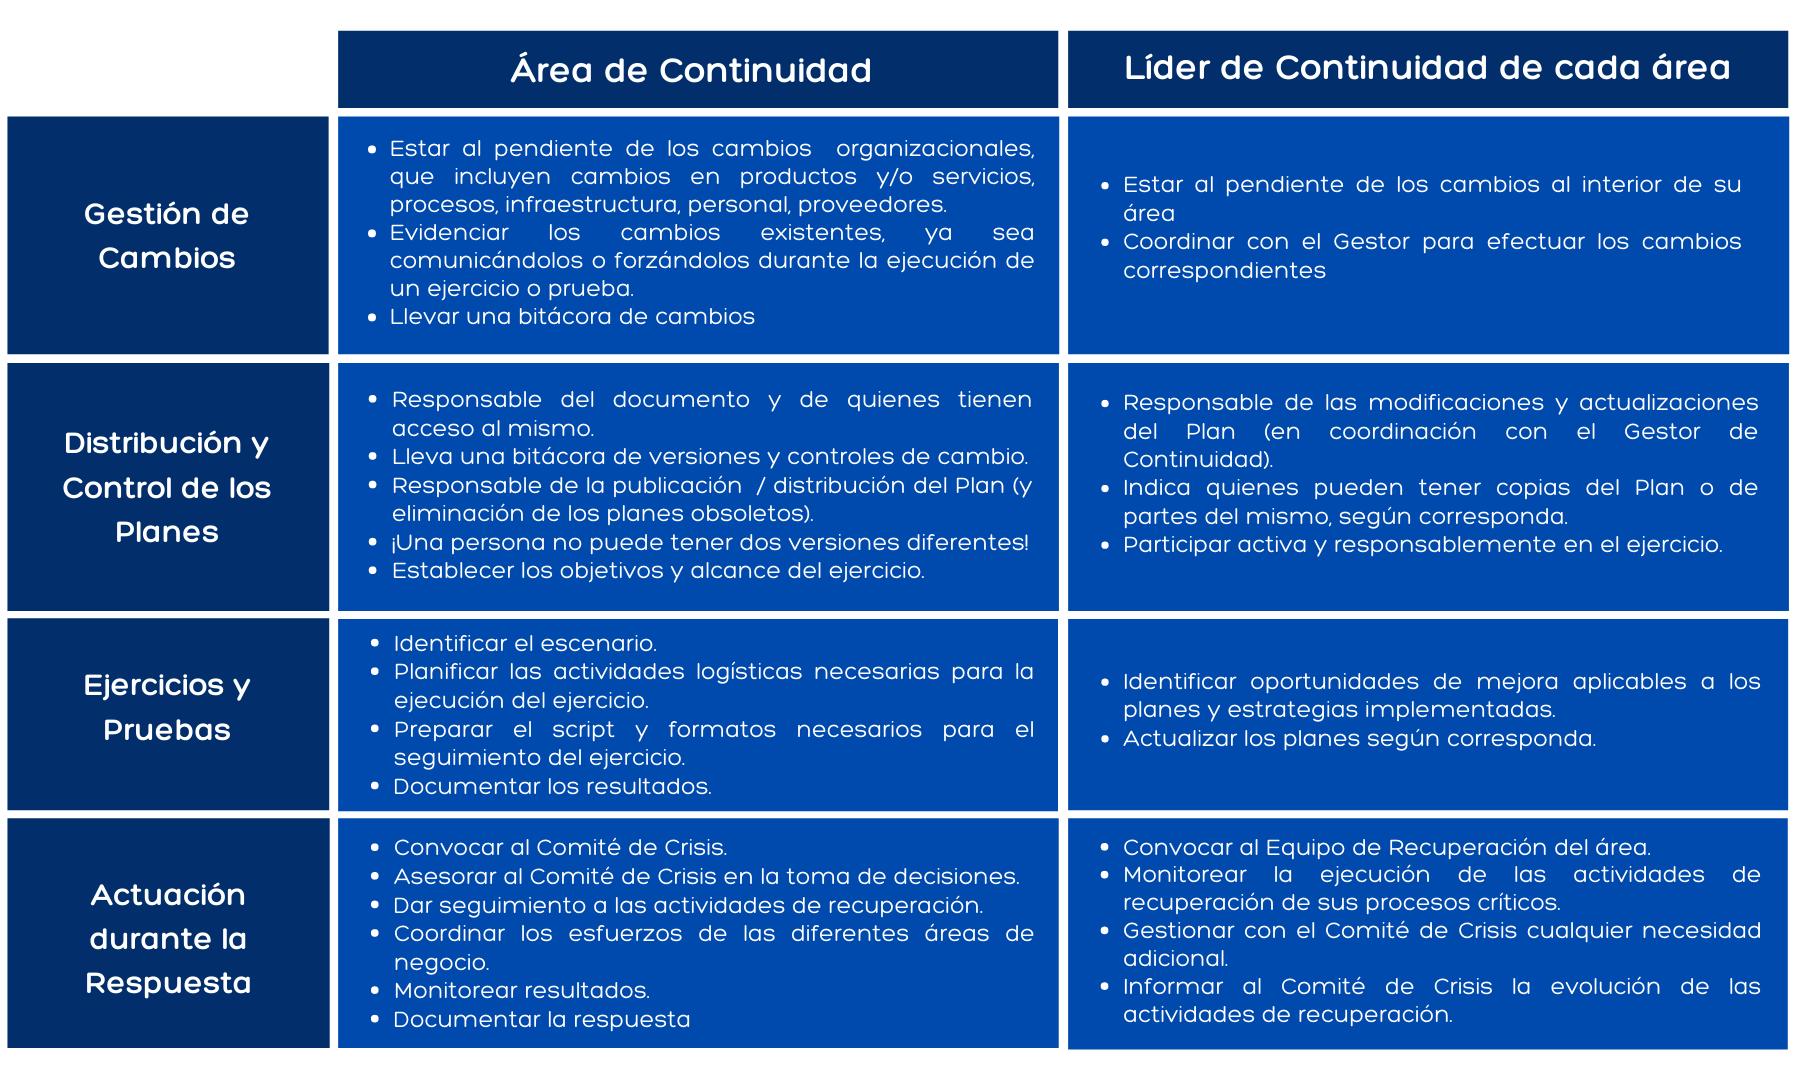 Roles y responsabilidades de la continuidad del negocio